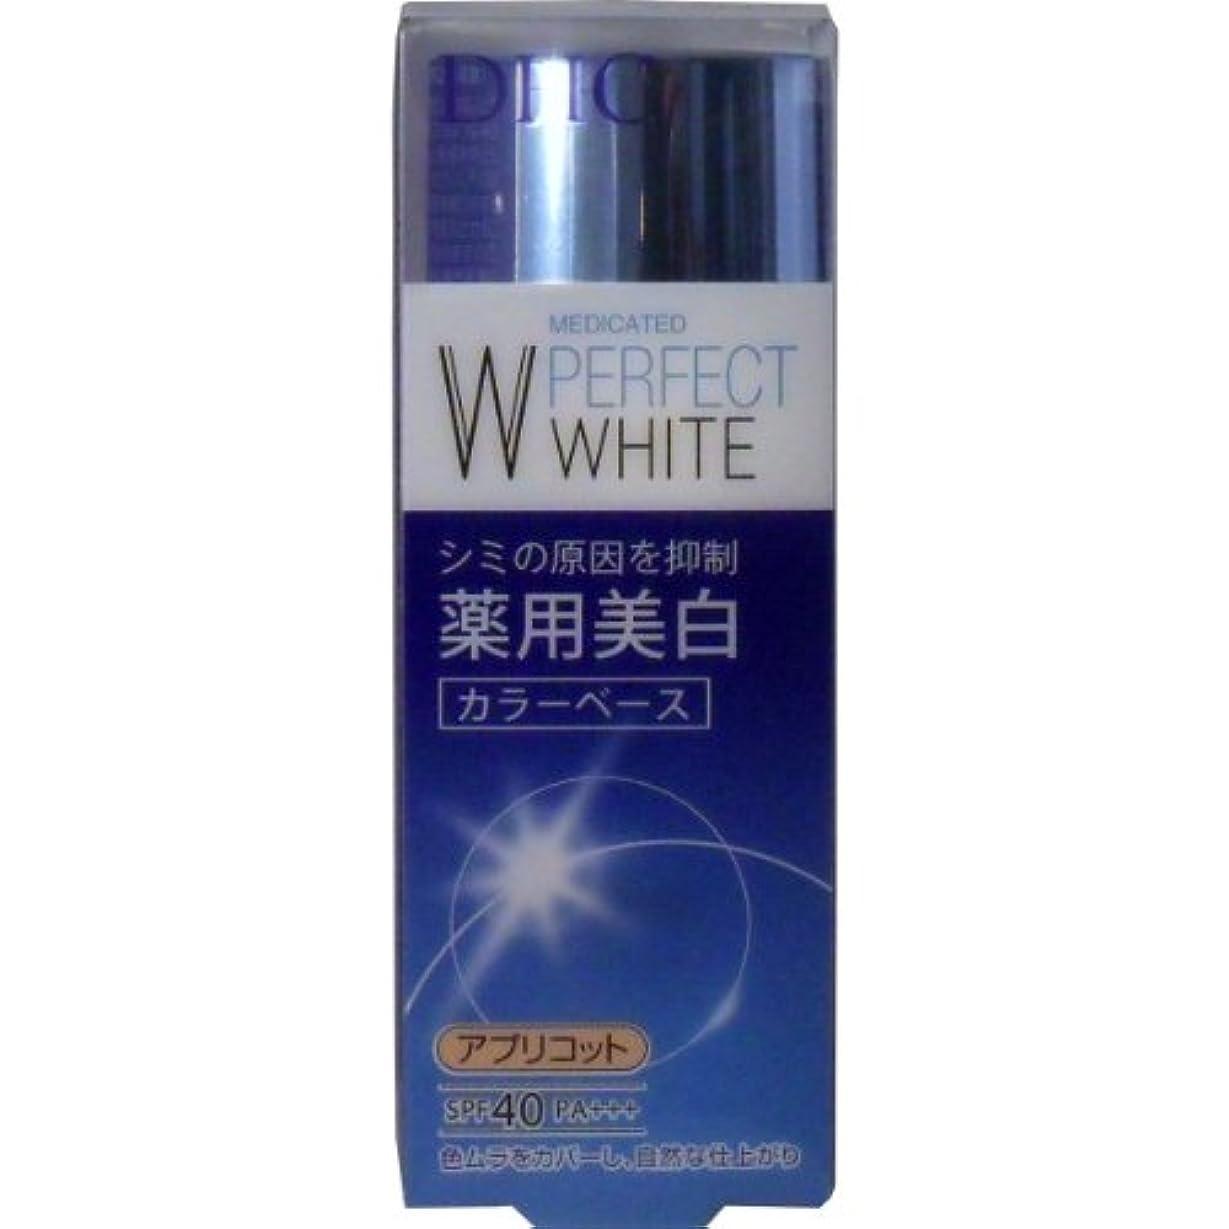 スポークスマン道路であることDHC 薬用美白パーフェクトホワイト カラーベース アプリコット 30g (商品内訳:単品1個)